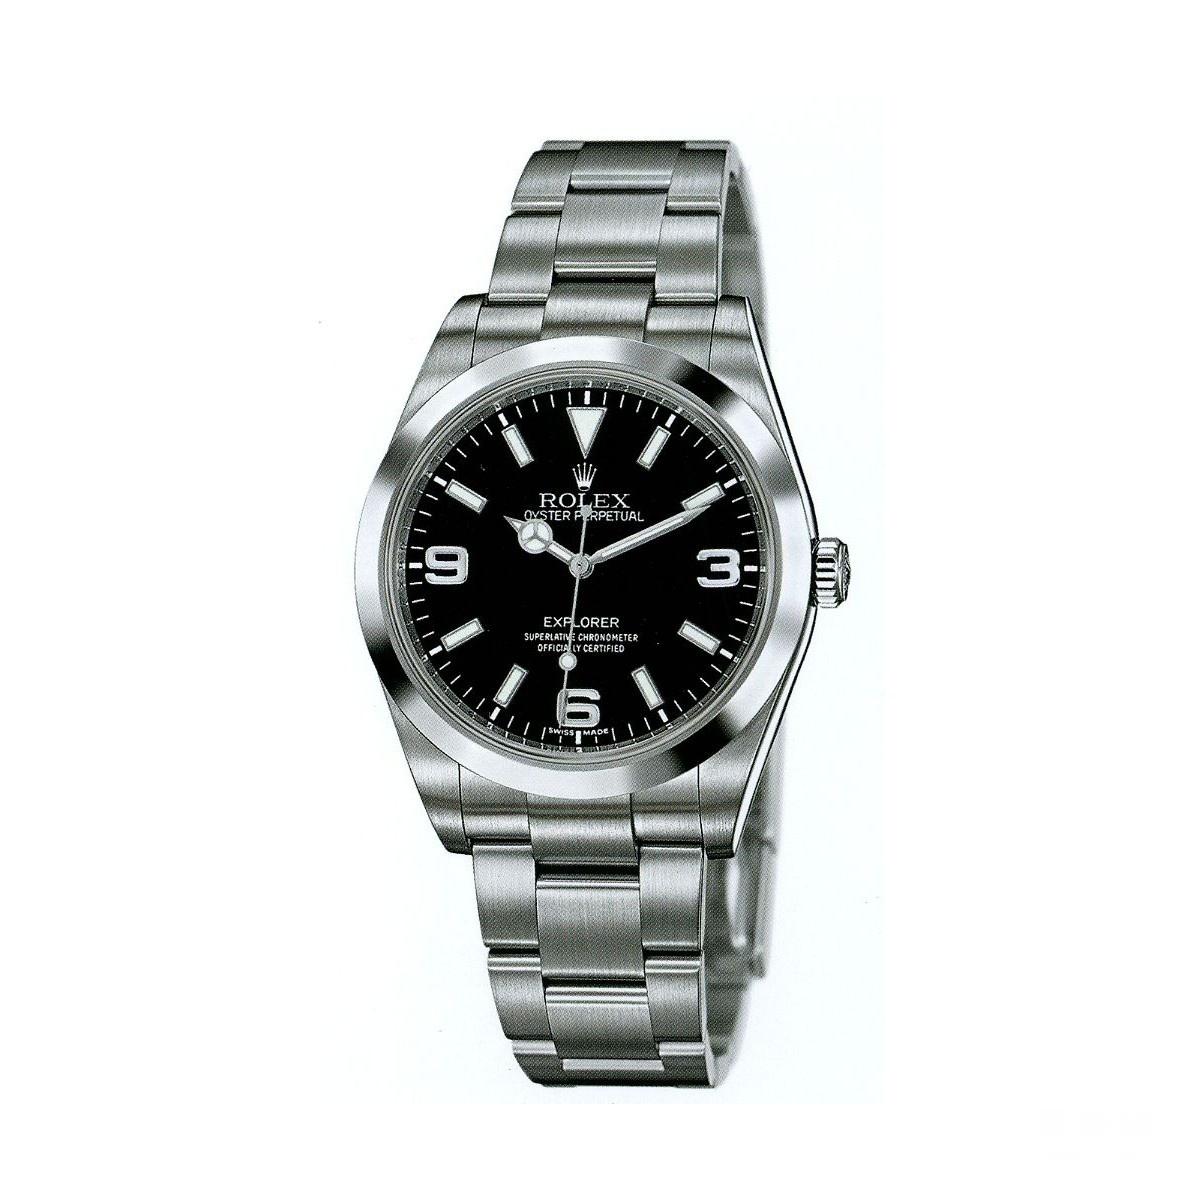 南通劳力士手表高价回收 南通哪里回收劳力士手表